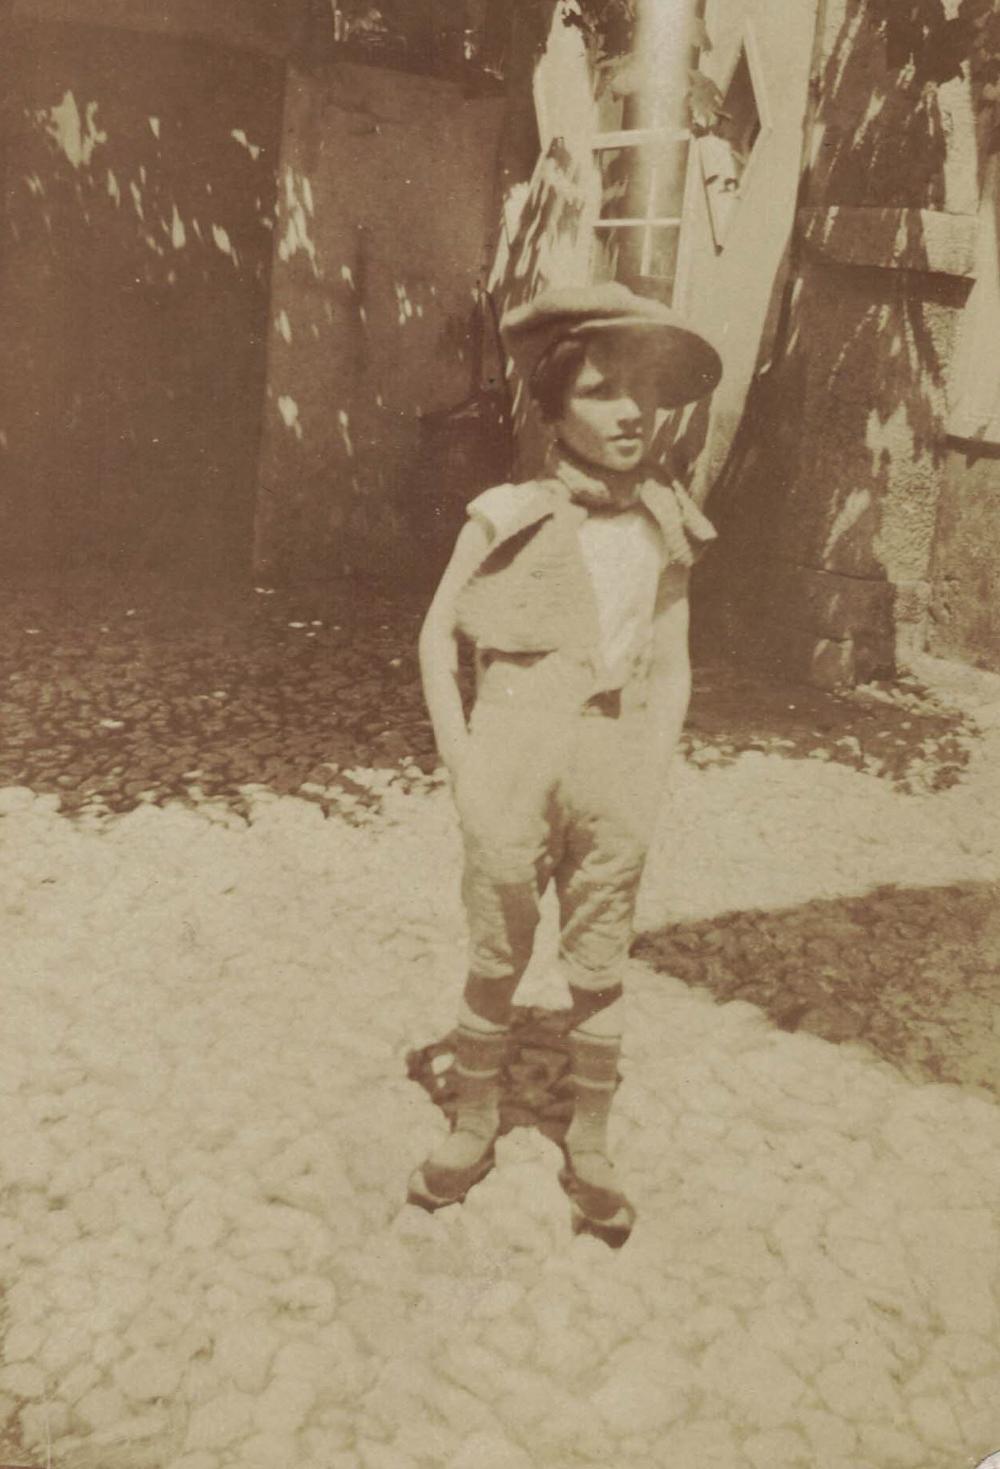 Bimba con scarpèz, cortile di casa Baschiera primo '900